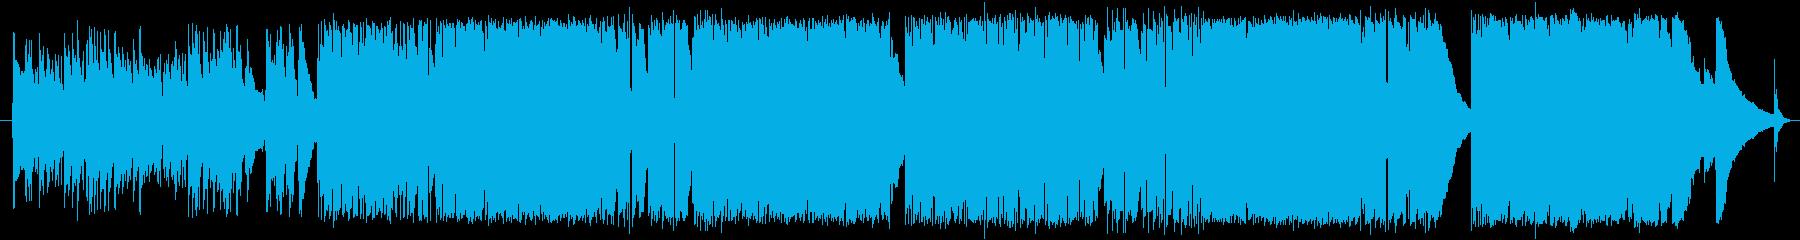 穏やかなソロギター曲ですプラシオライト…の再生済みの波形